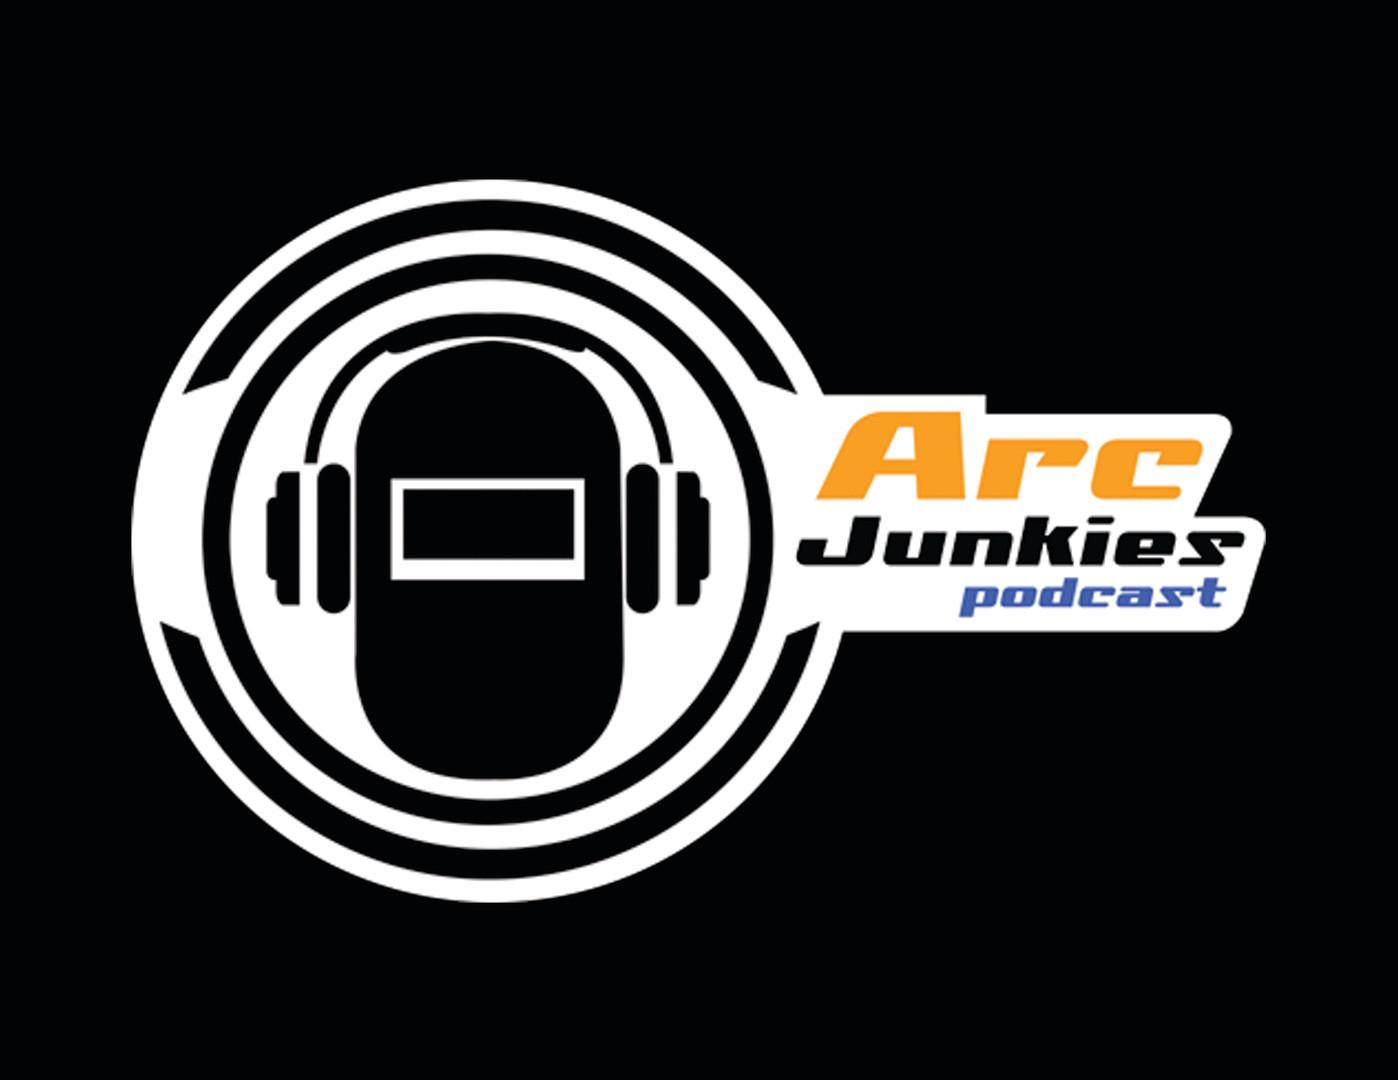 Arc_junckies_logo.jpg